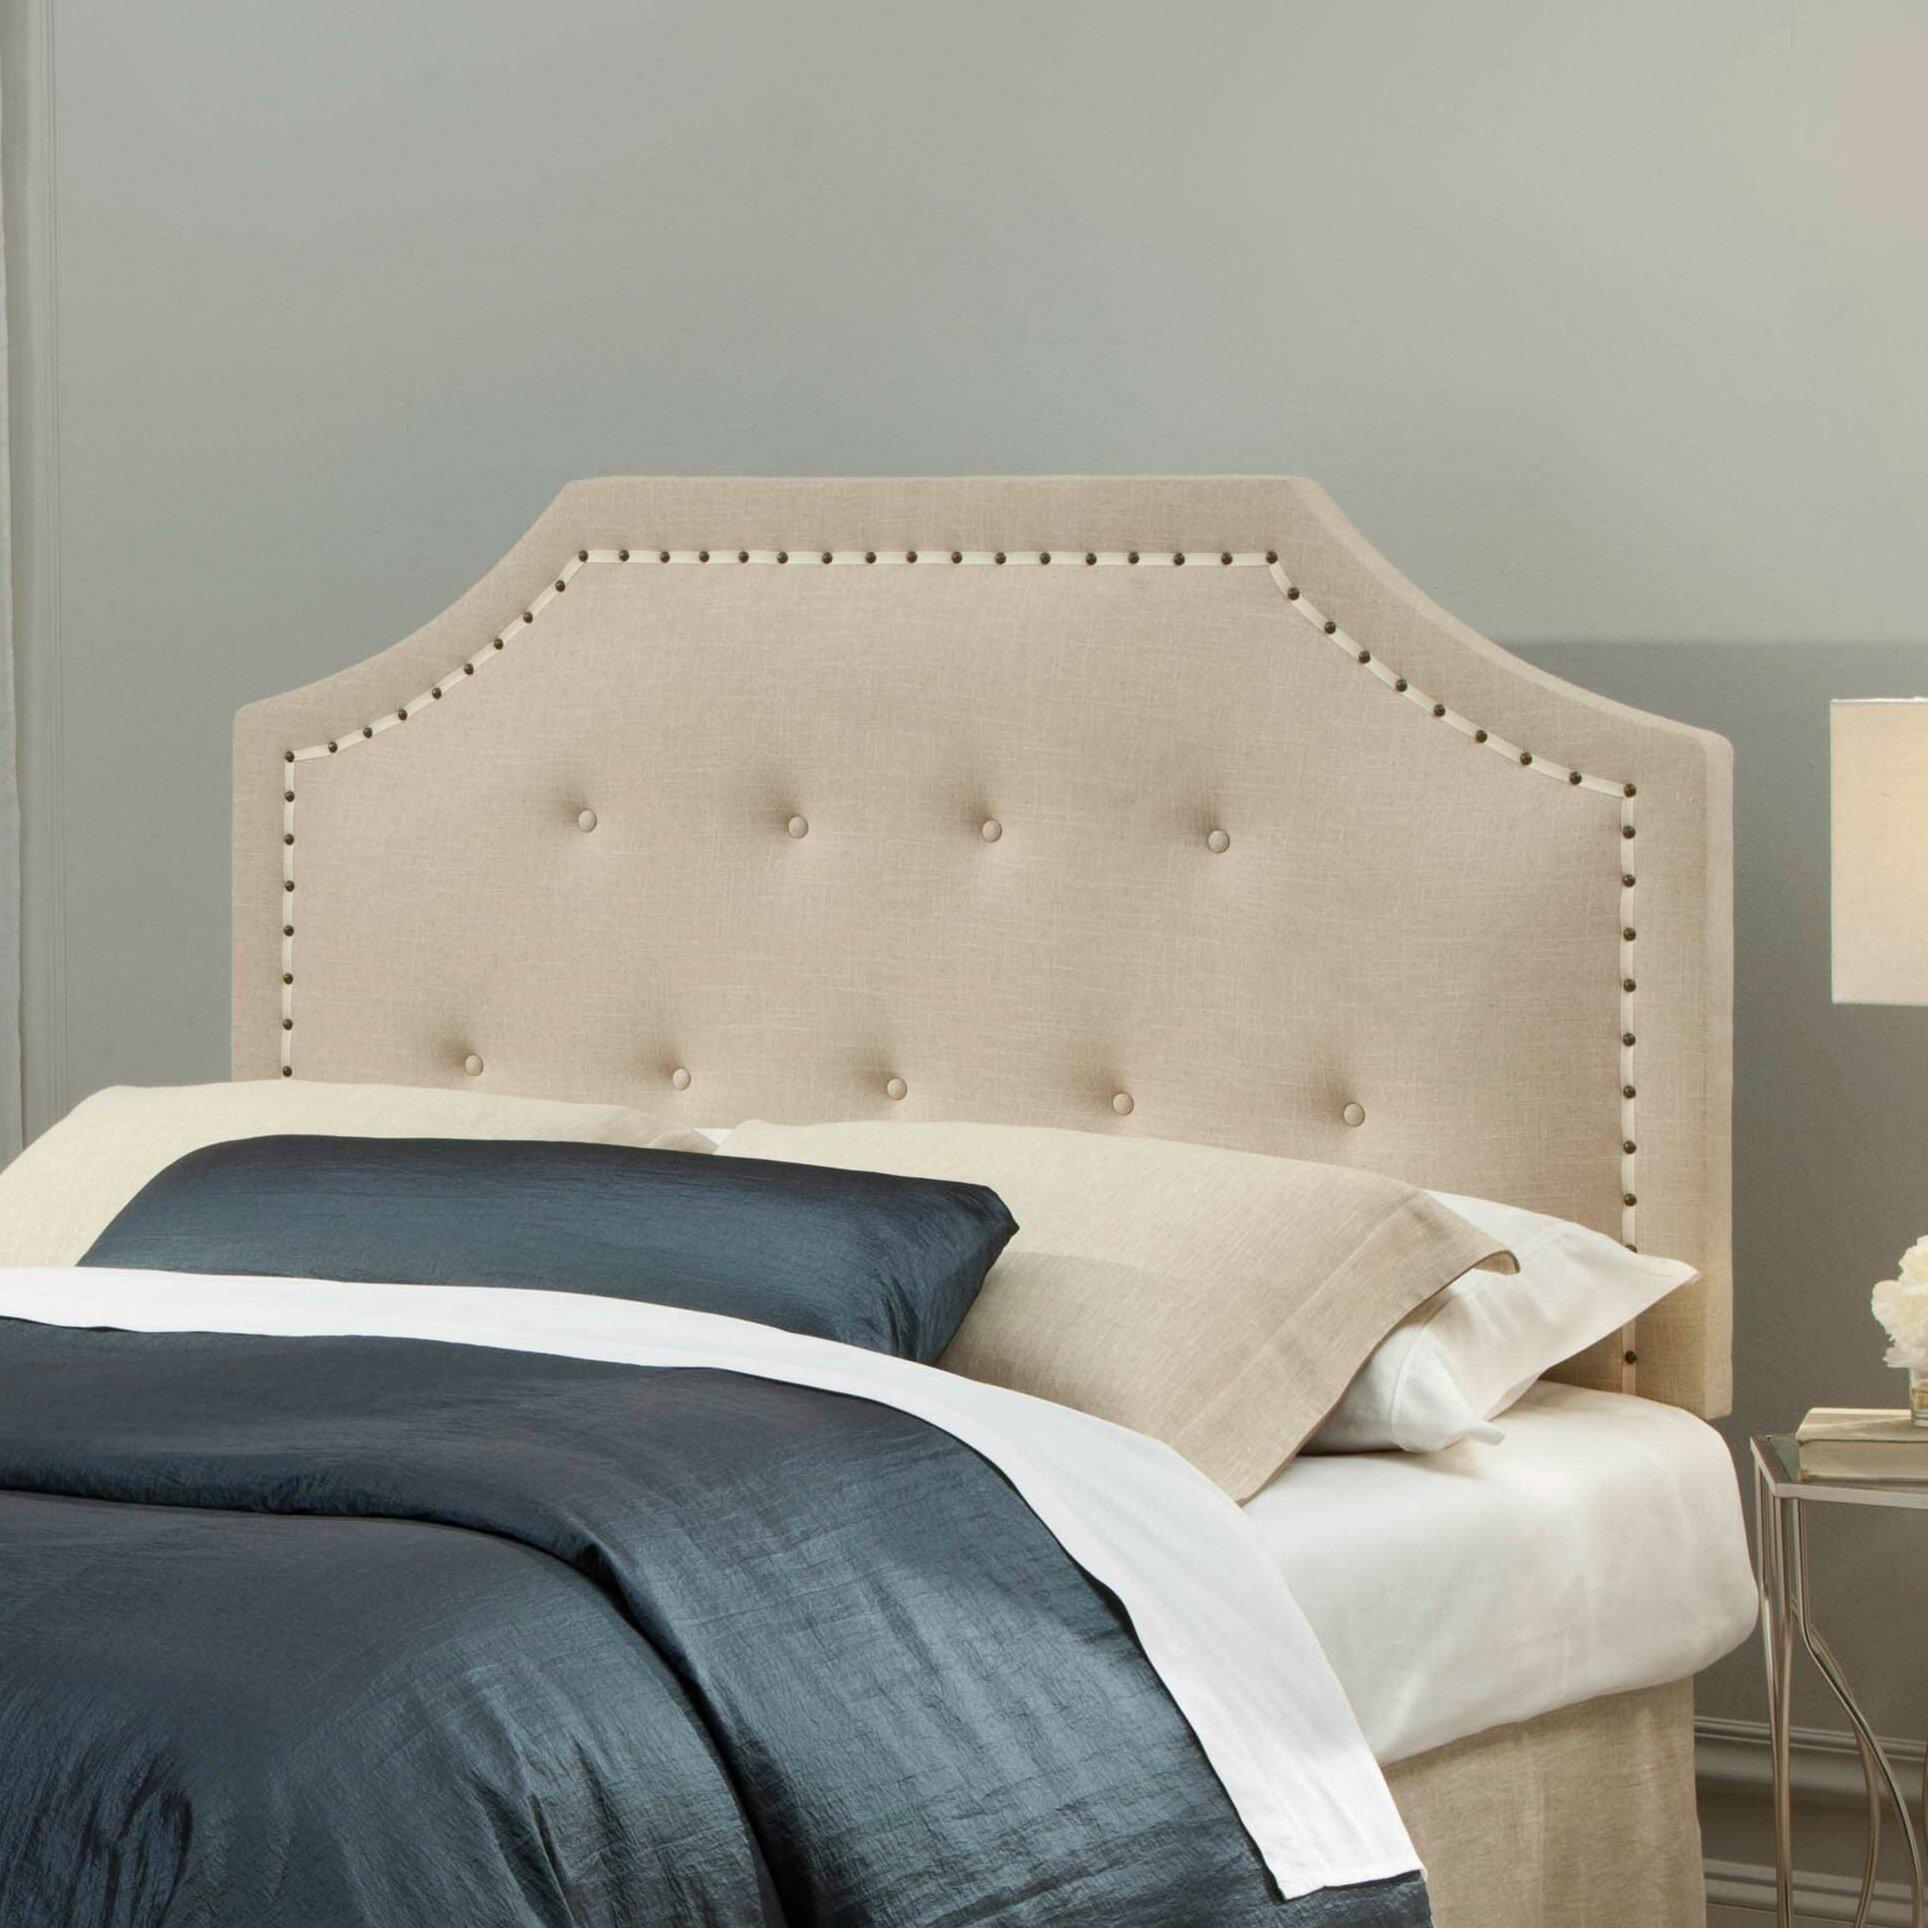 Bed headboard upholstered - Avignon Upholstered Panel Headboard